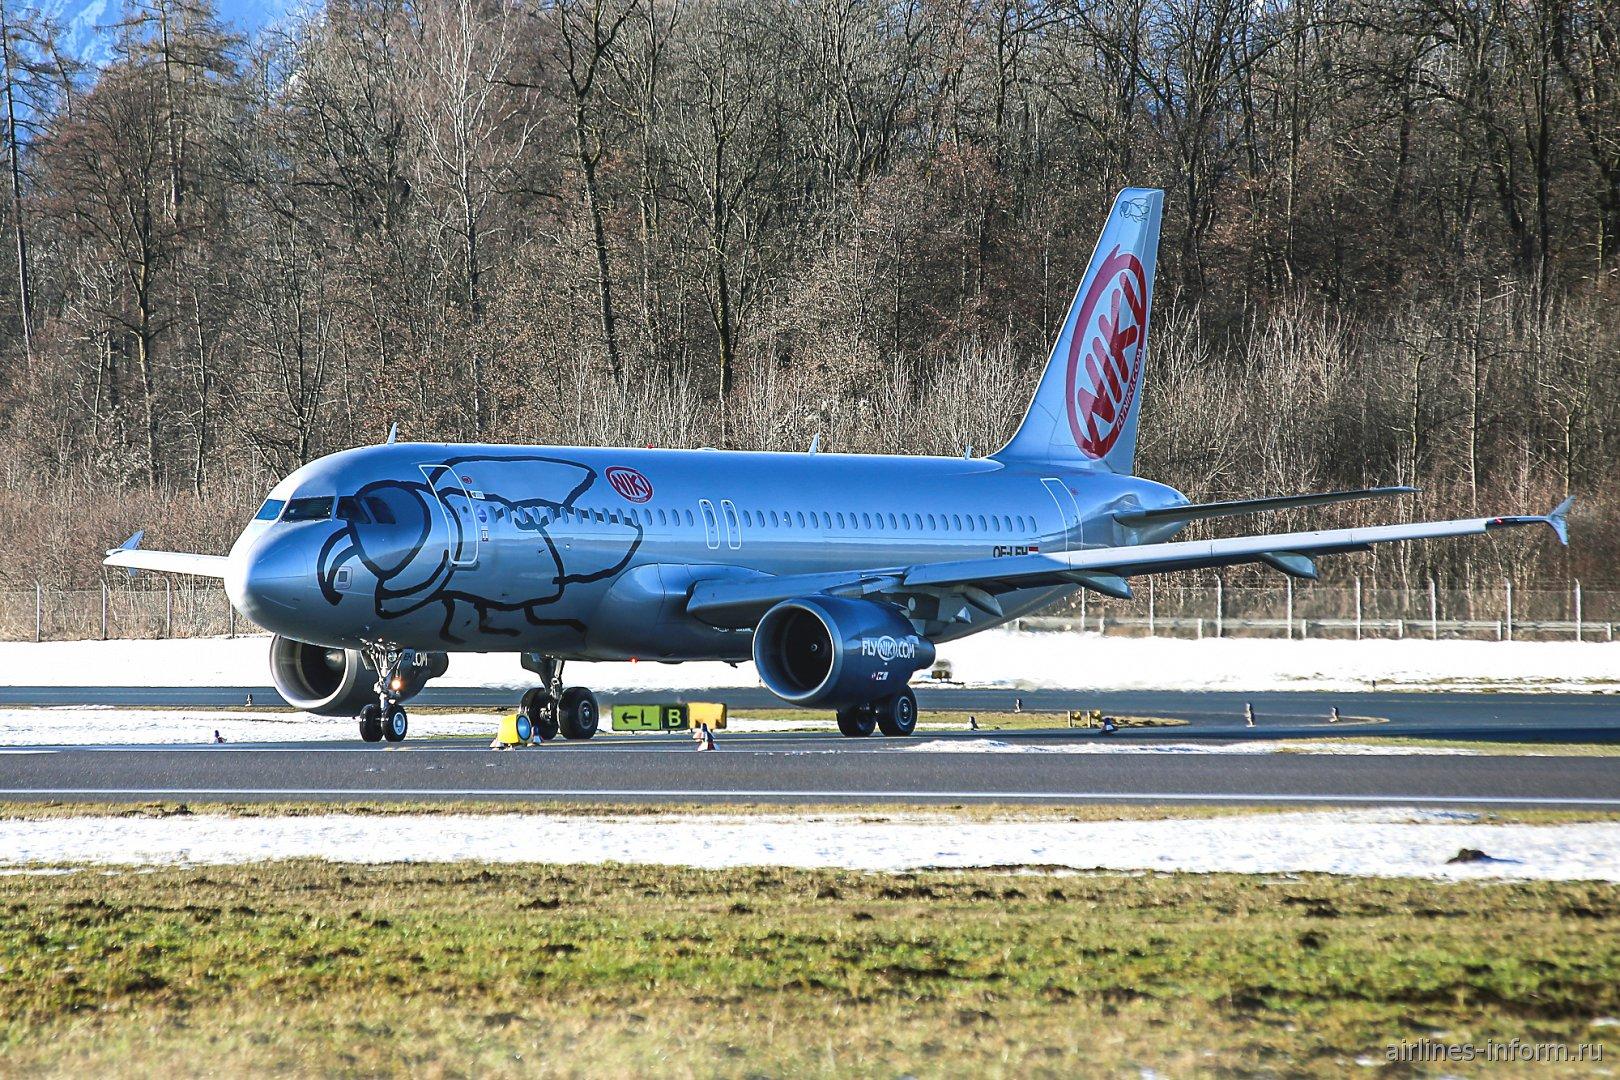 Airbus A320 с бортовым номером OE-LEH авиакомпании Niki готовится к взлету в аэропорту Зальцбурга